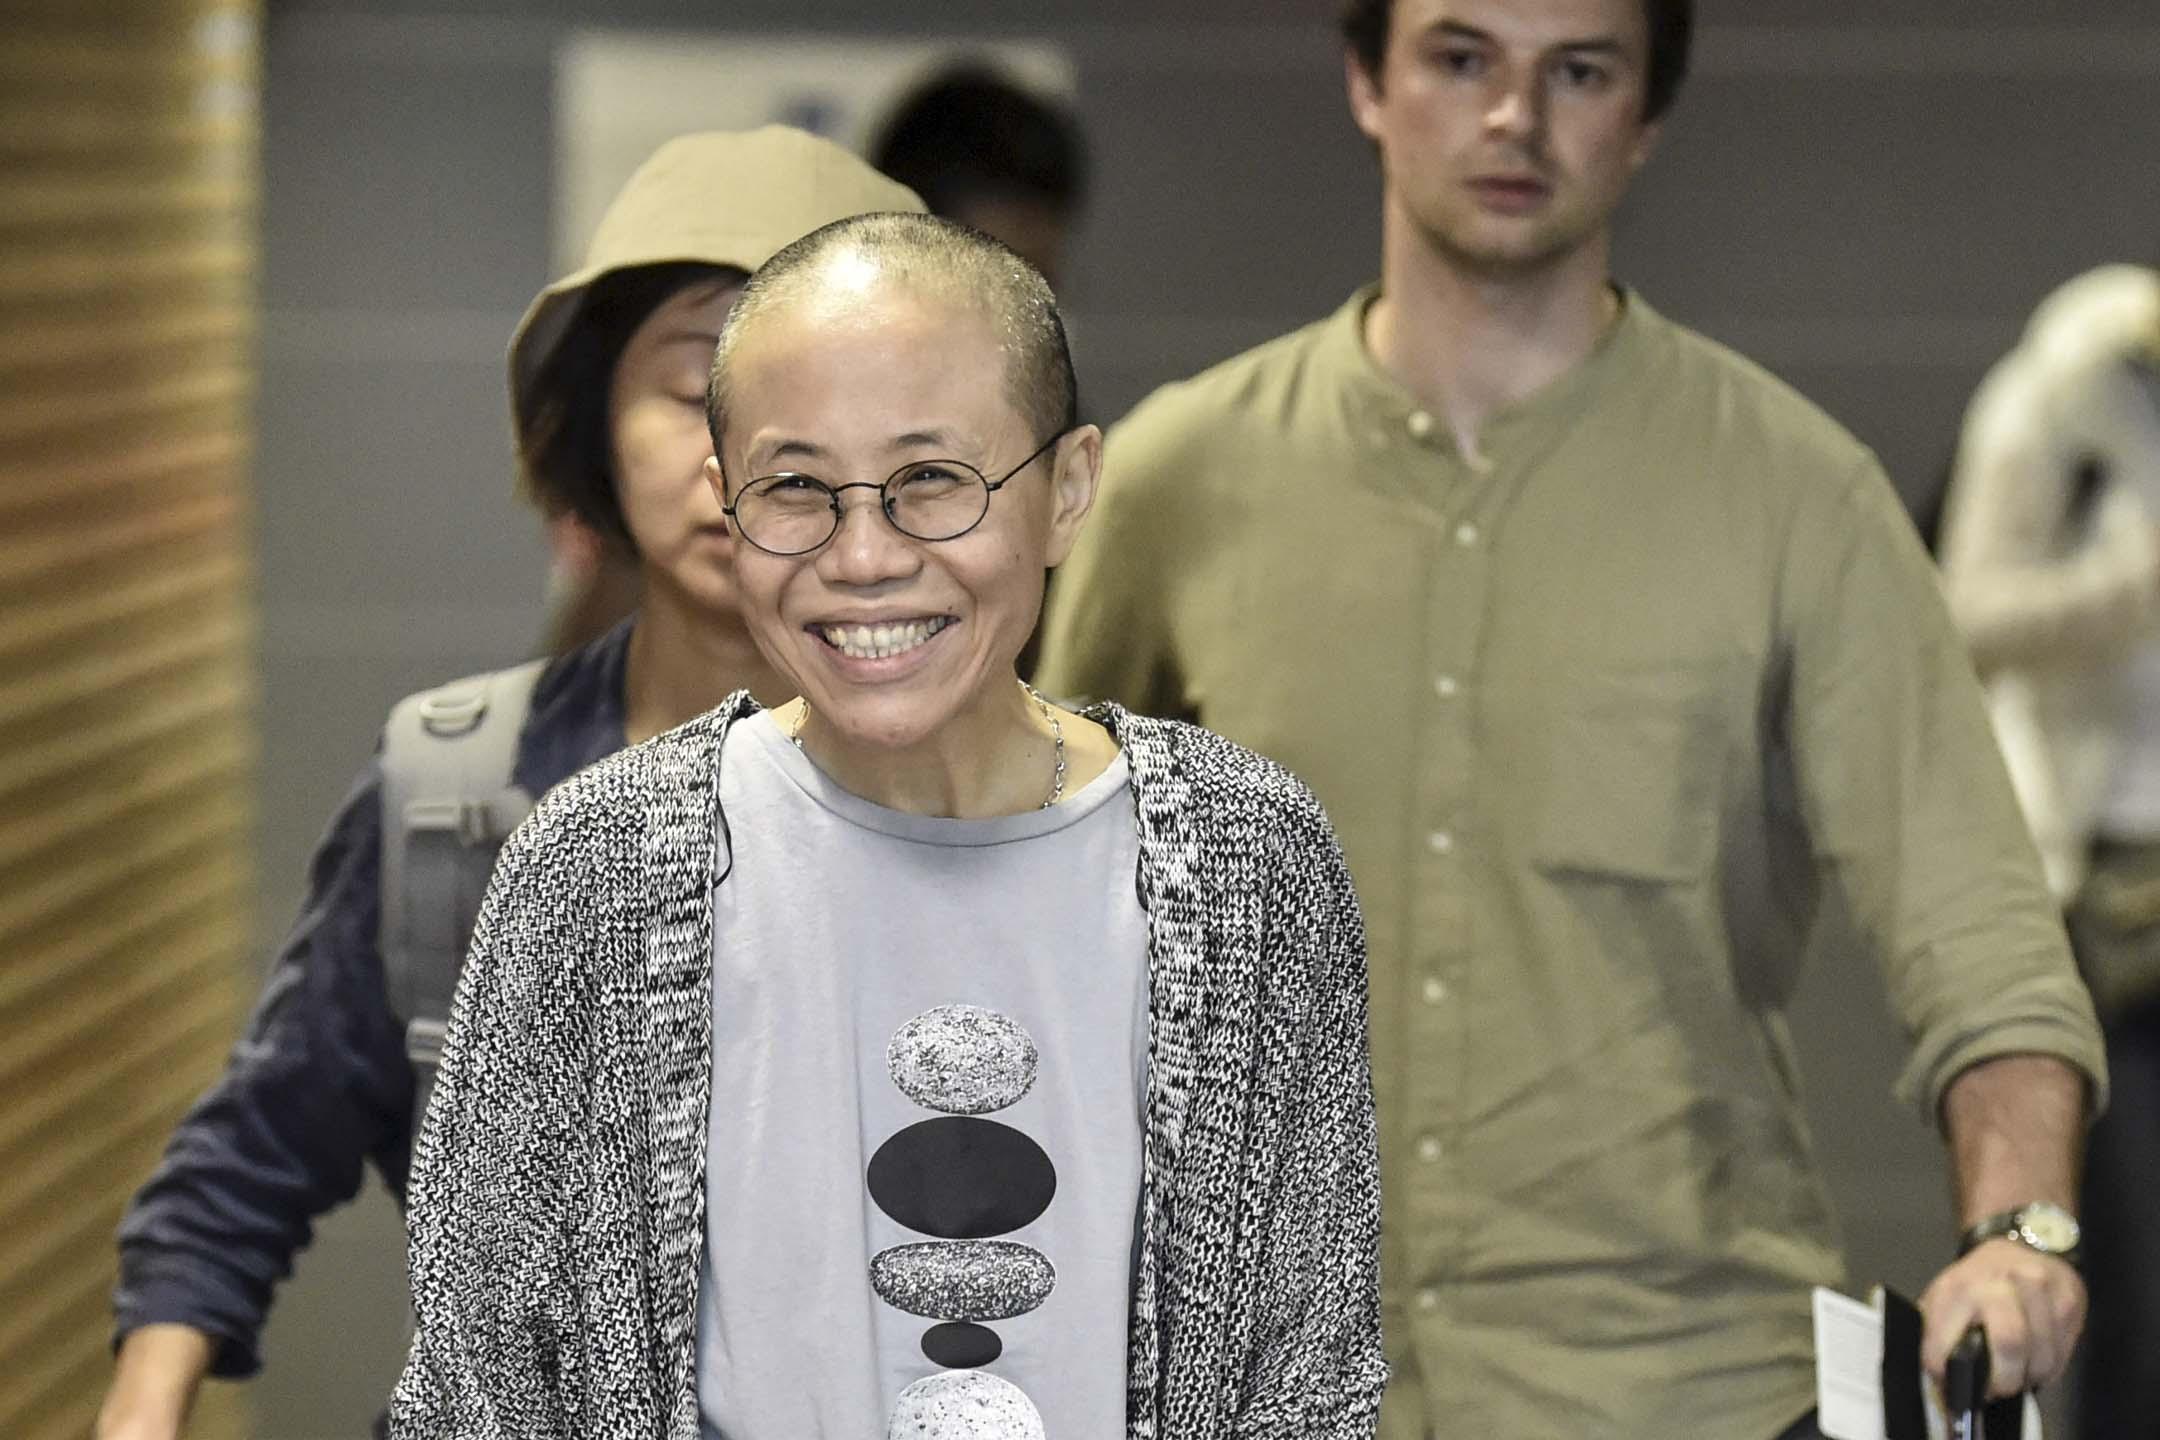 2018年7月10日,諾貝爾和平獎得主劉曉波的遺孀劉霞於早上搭乘飛機離開北京前往德國柏林,期間抵達中途站芬蘭赫爾辛基機場的一刻。  攝:Jussi Nukari/Lehtikuva/AFP/Getty Images